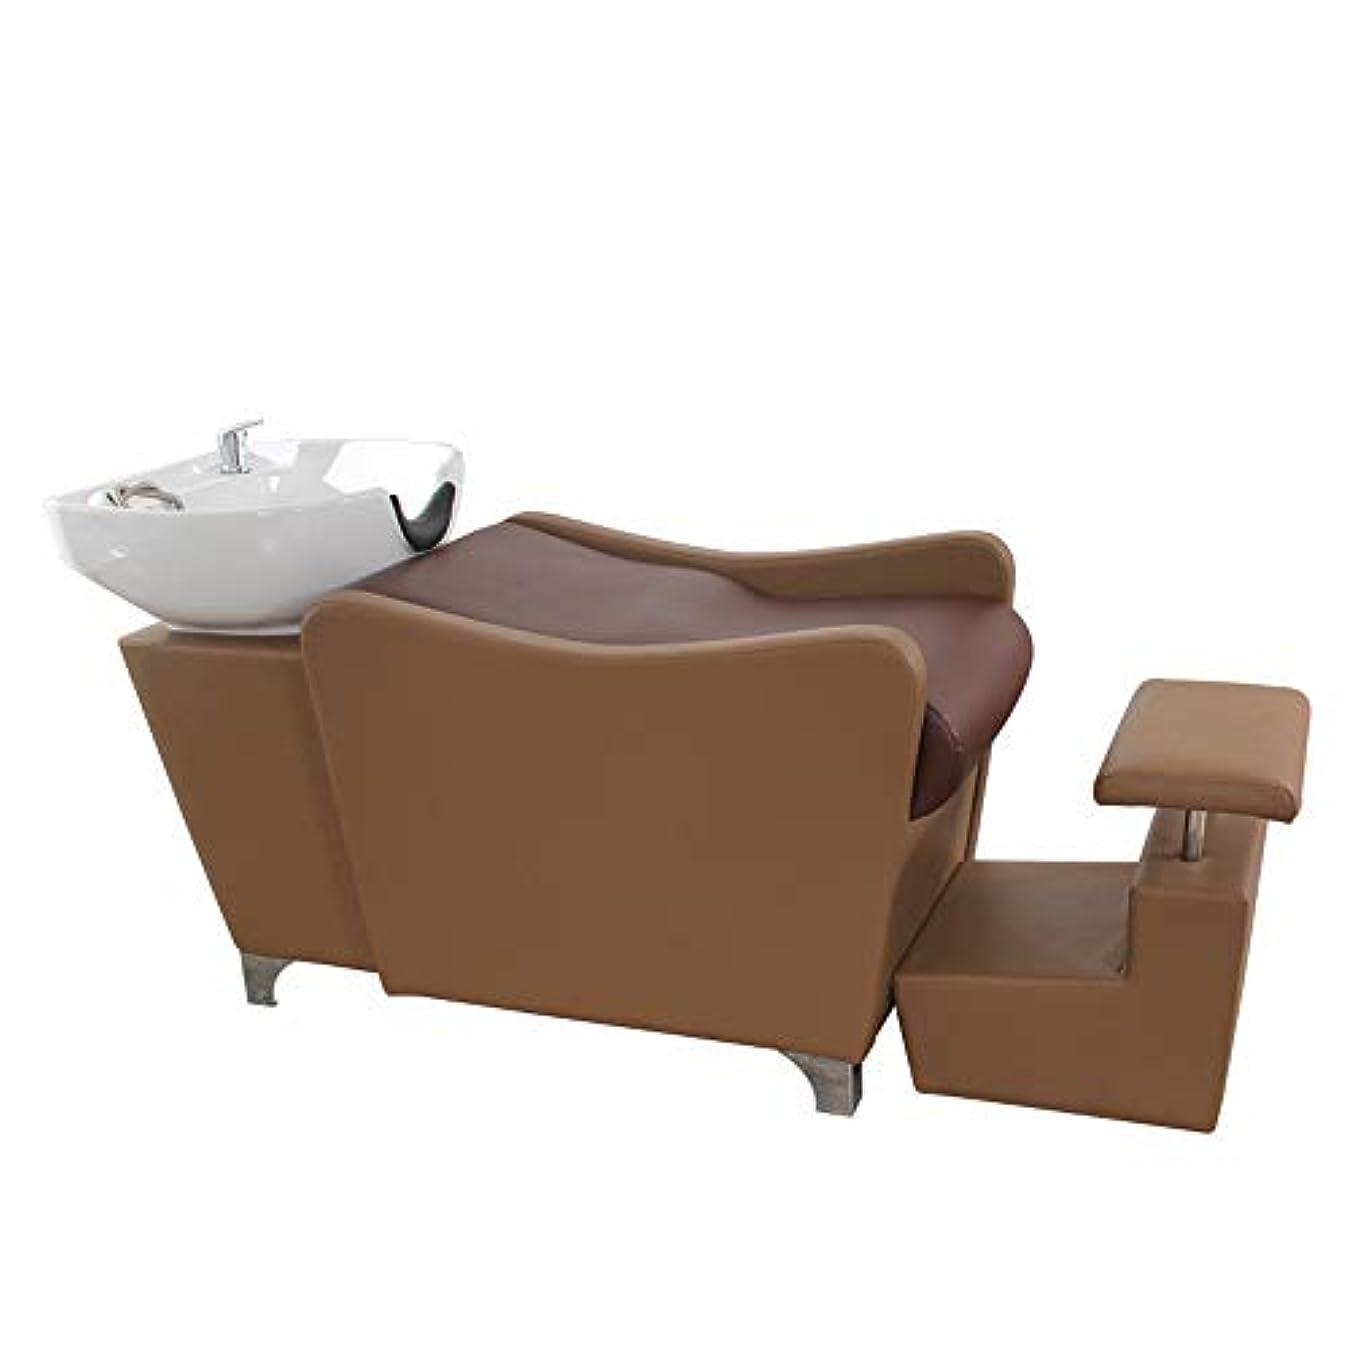 更新時折役立つシャンプーチェア、理髪店の逆洗ユニットシャンプーボウル理髪シンクの椅子用スパ美容院機器(ブラウン)